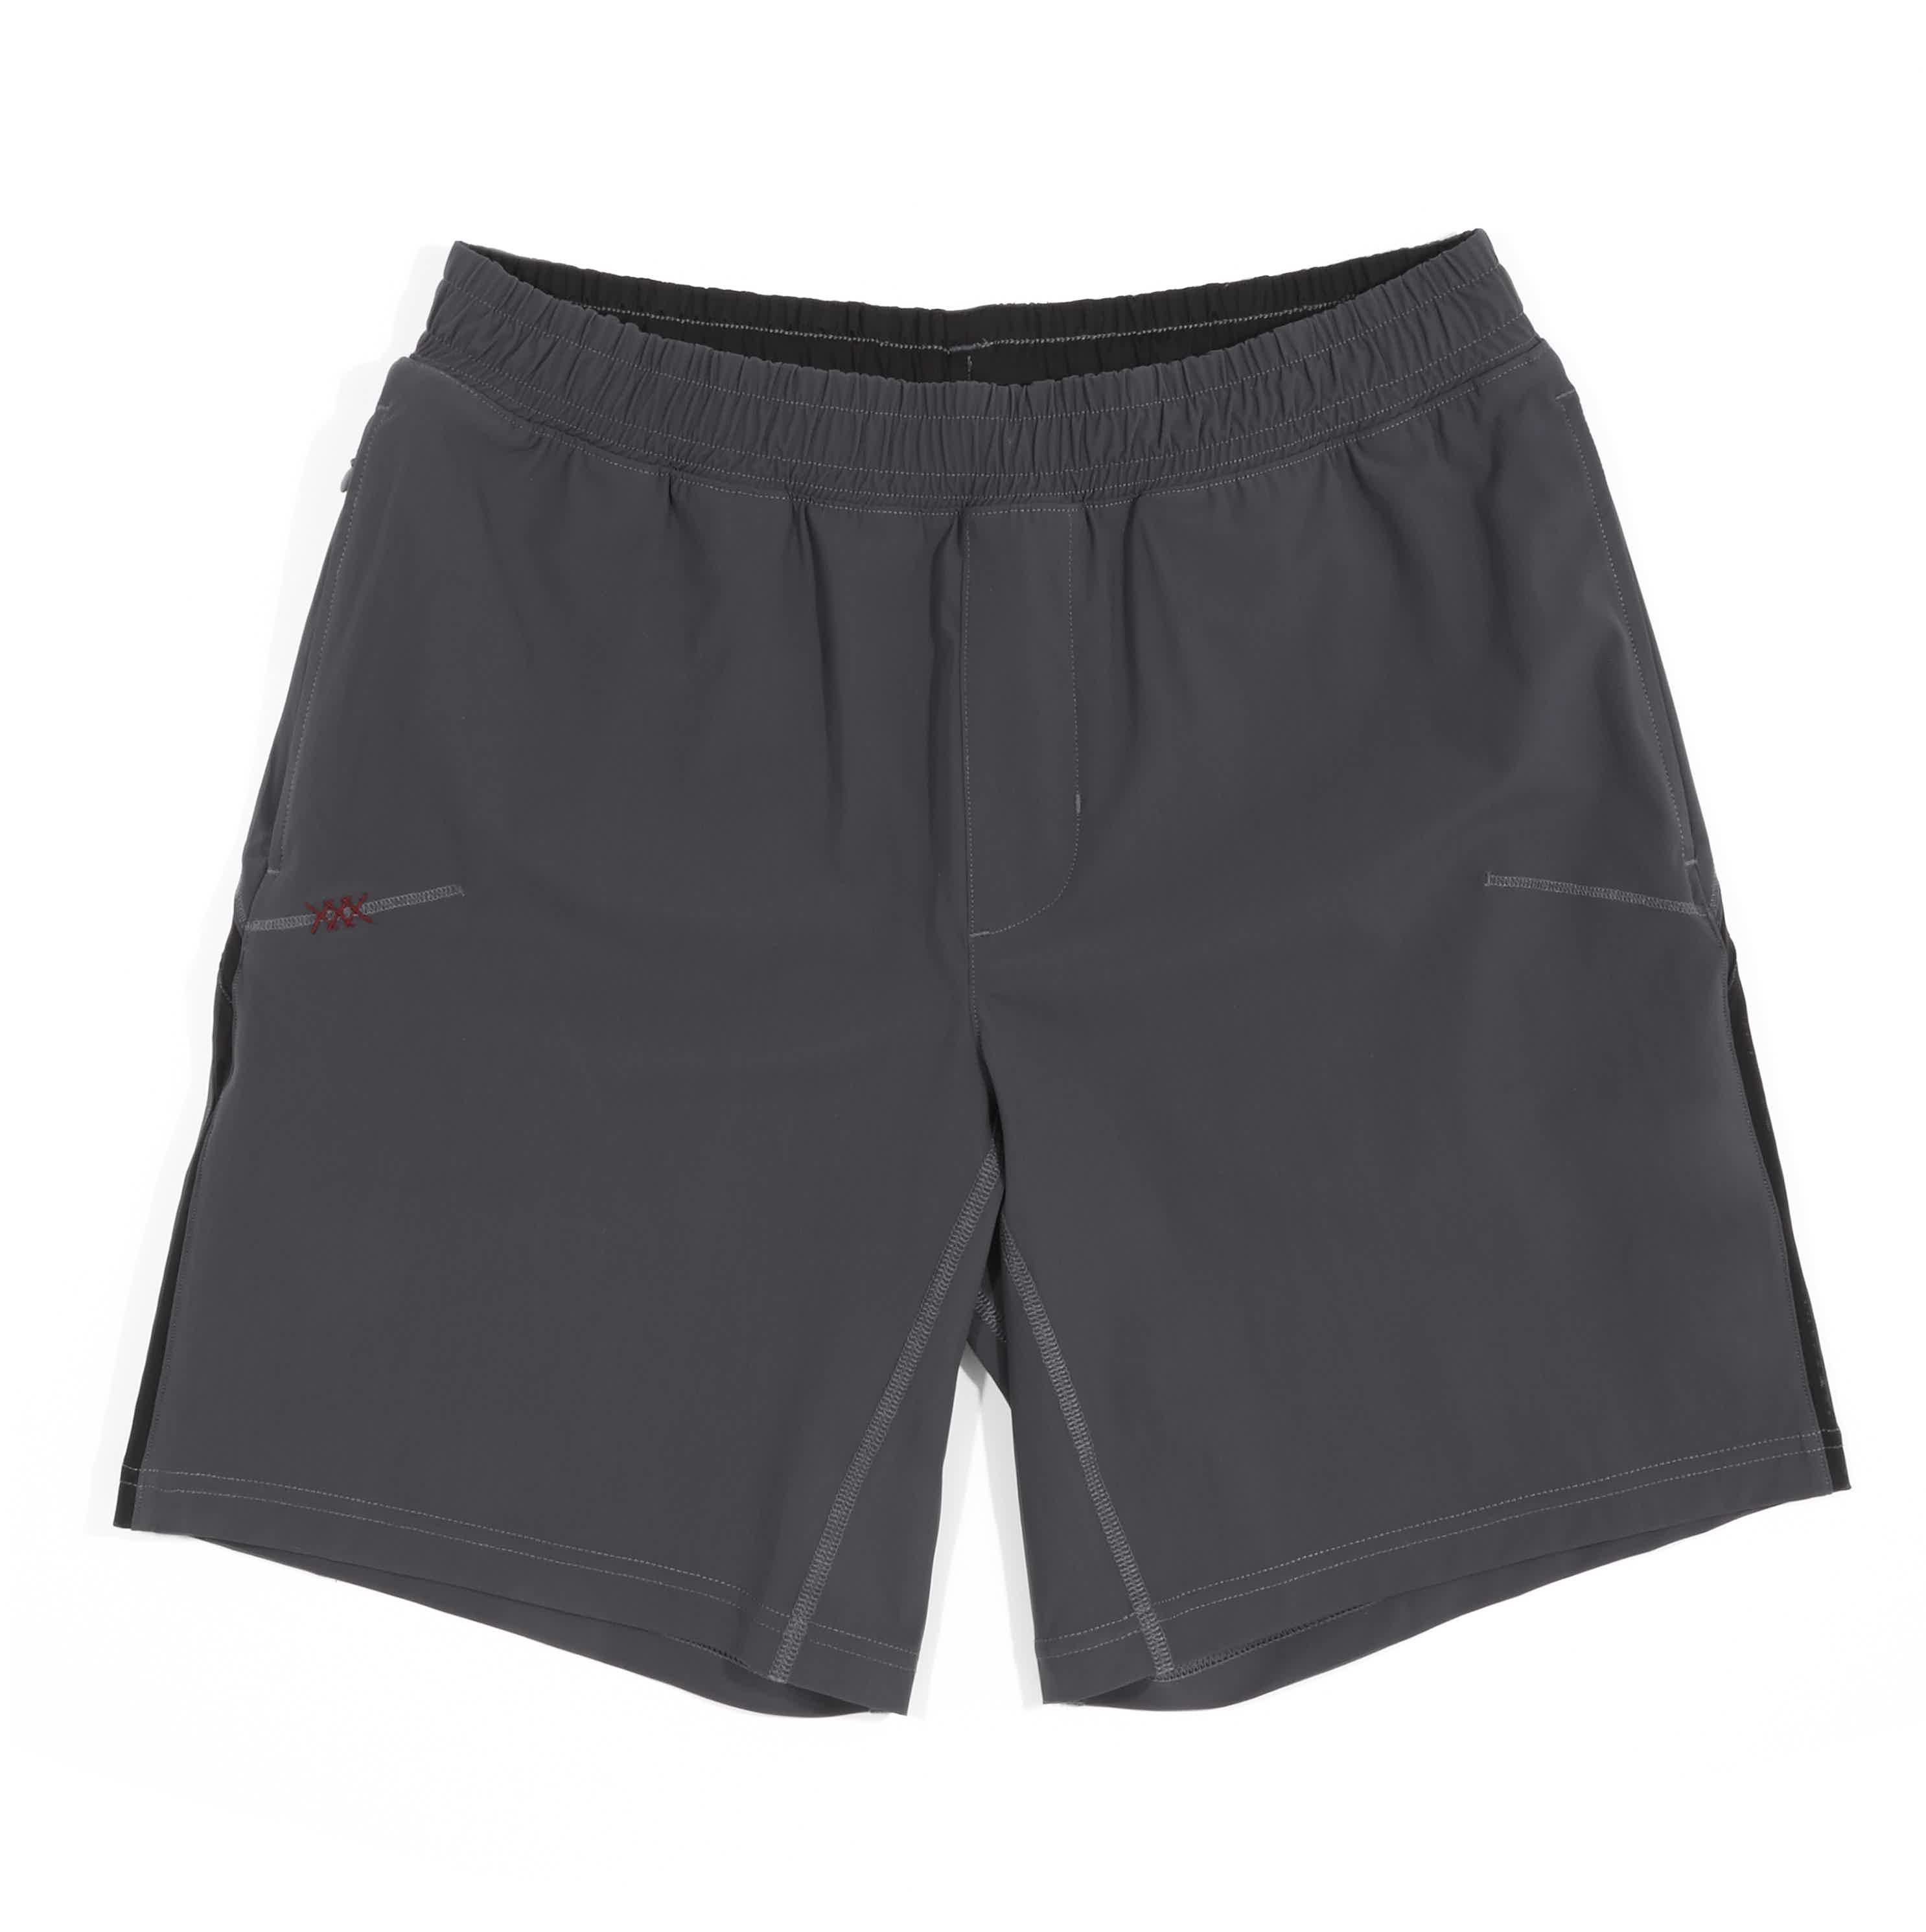 Asphalt Versatility Shorts